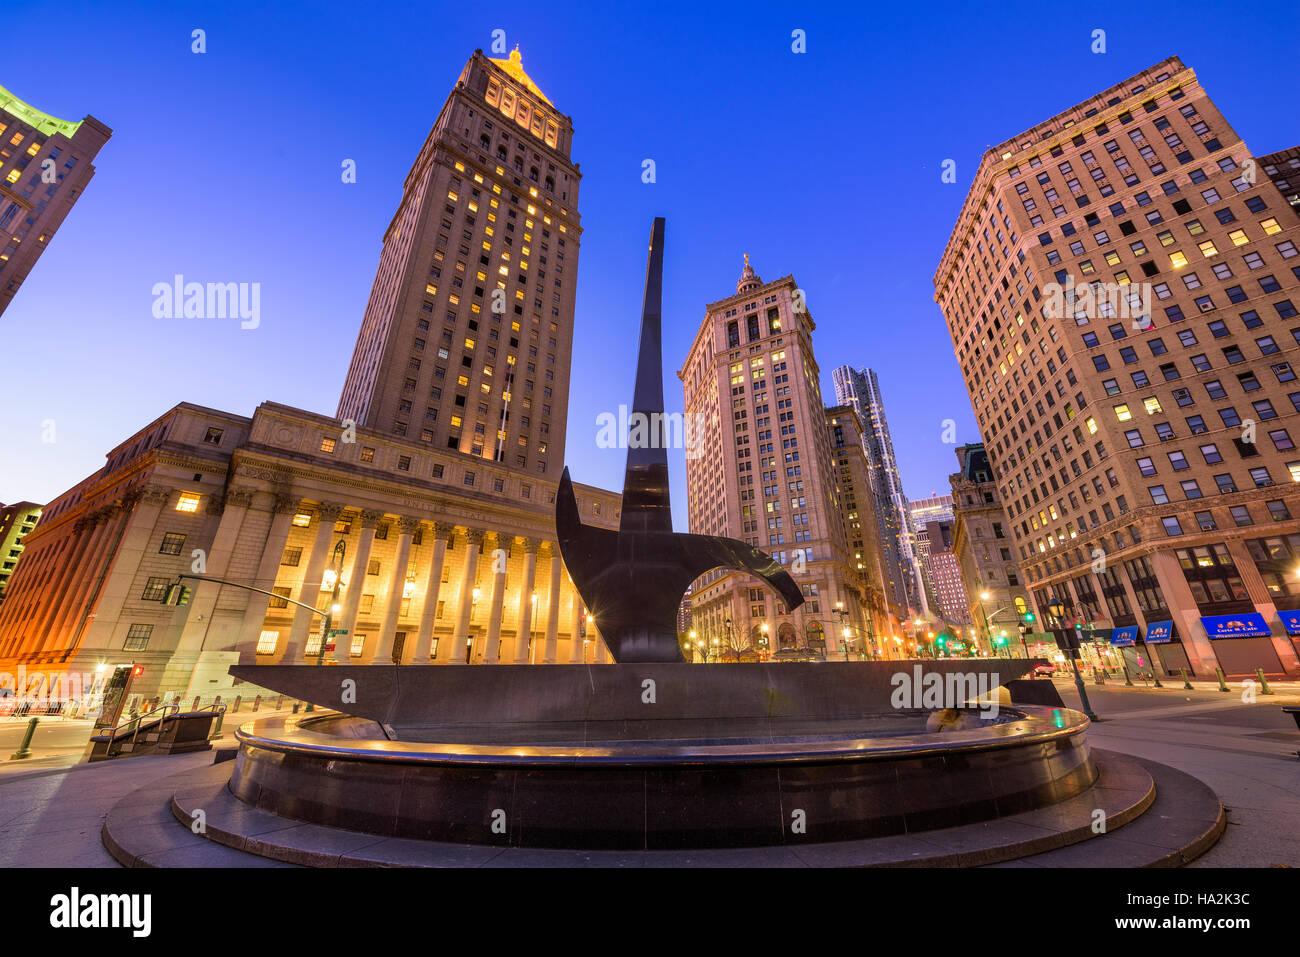 La CIUDAD DE NUEVA YORK - 11 de noviembre de 2016: el triunfo del espíritu humano escultura en Foley Square, Imagen De Stock